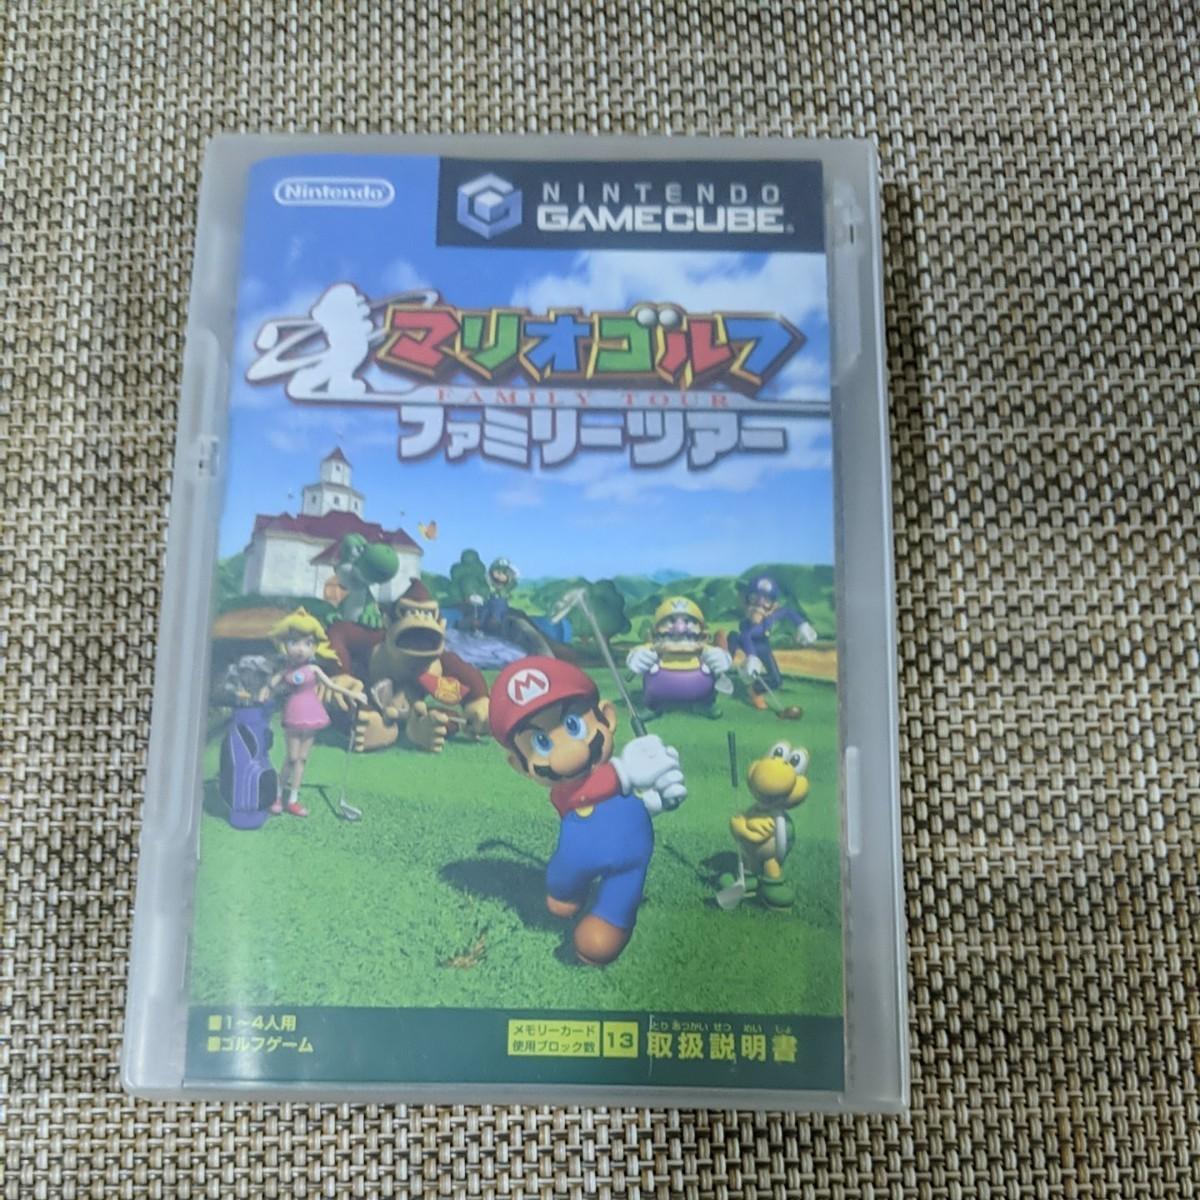 ゲームキューブソフト マリオゴルフファミリーツアー